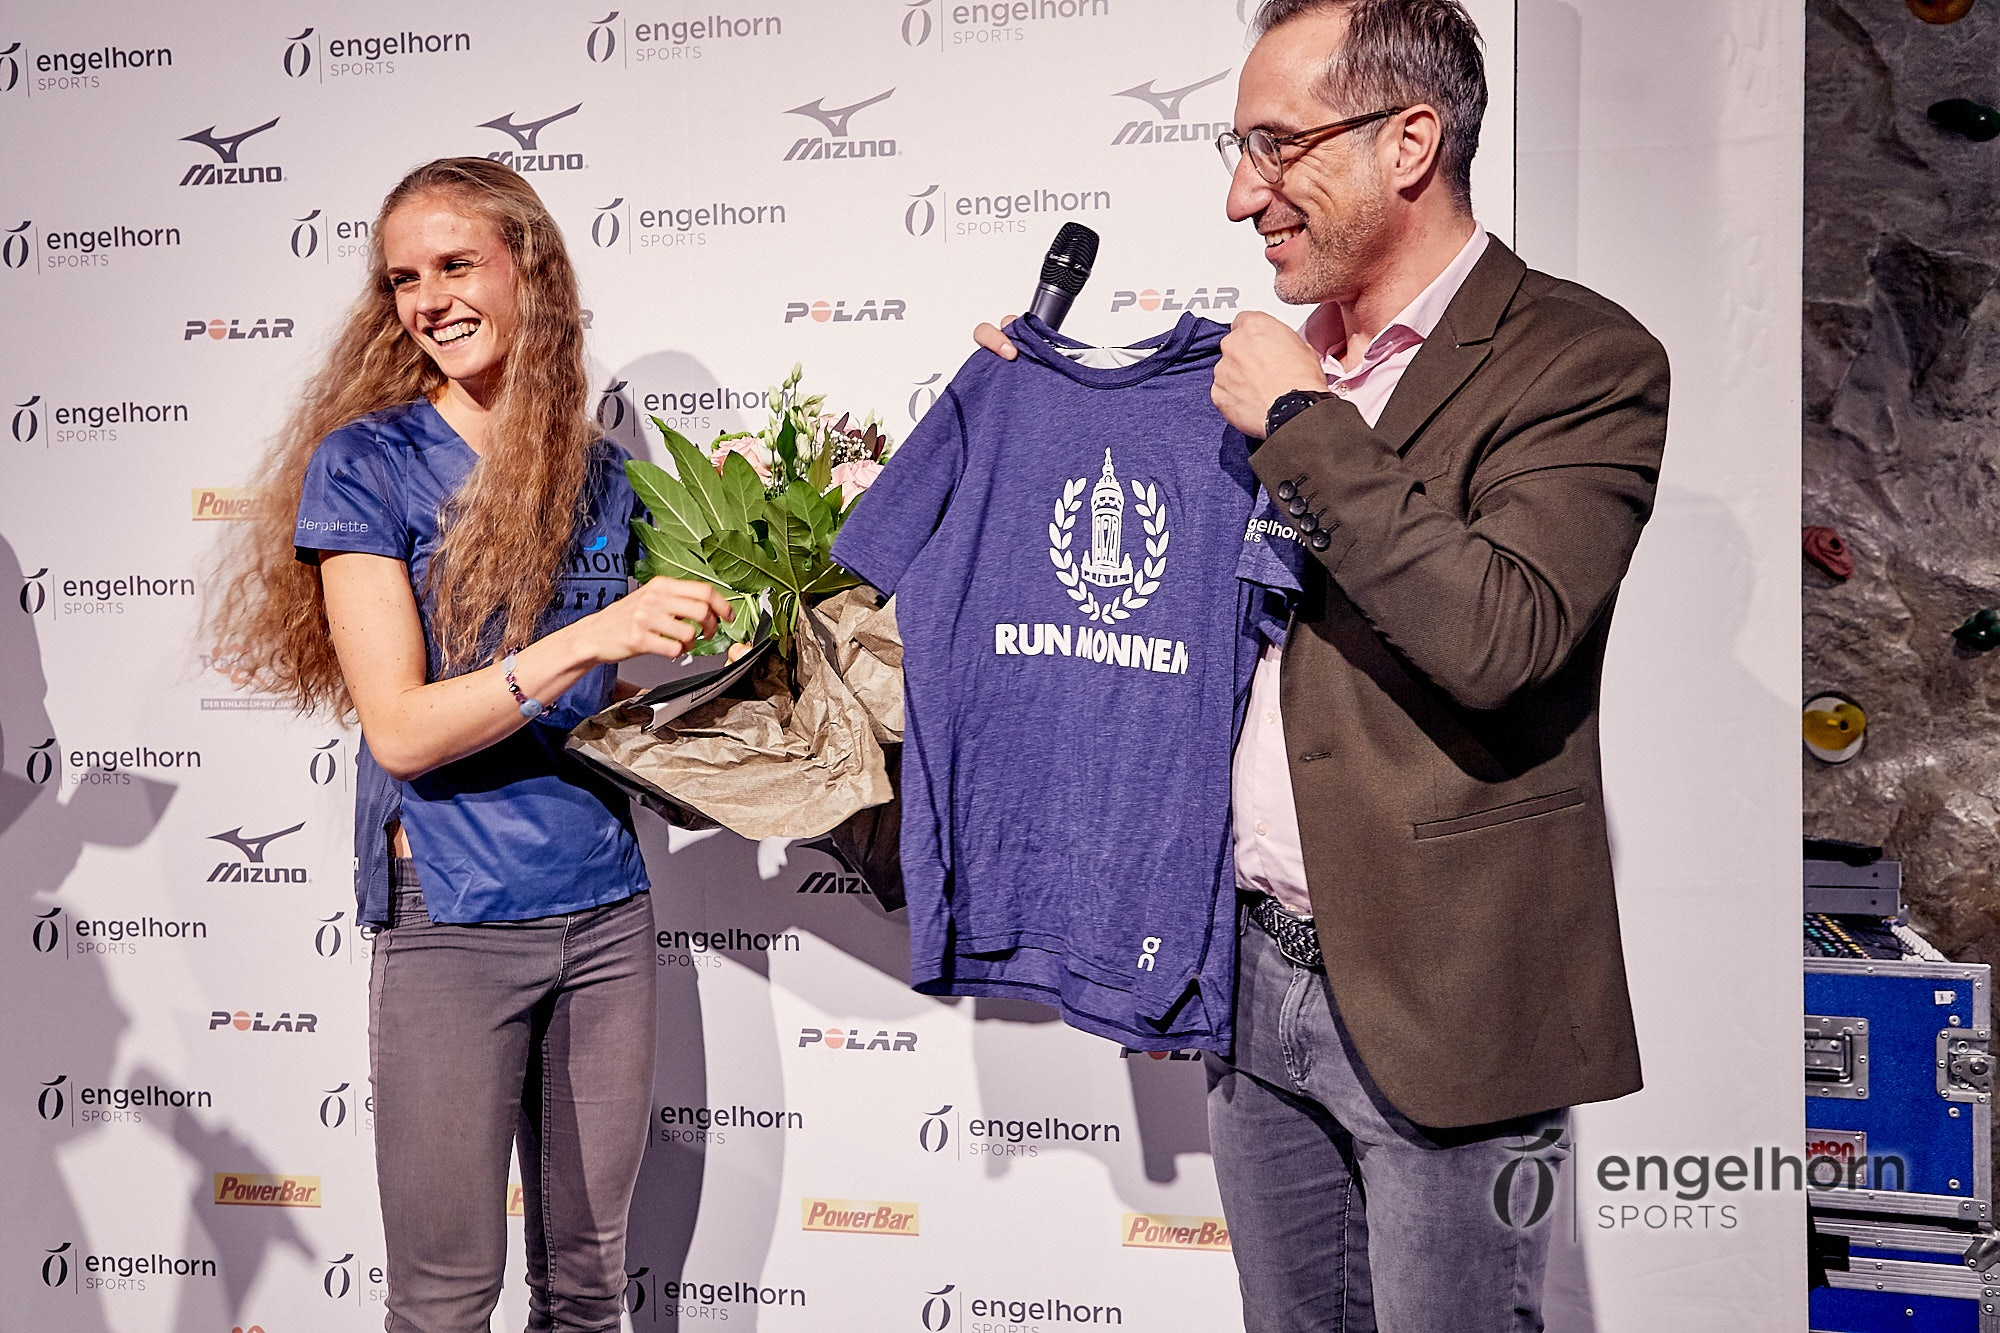 Siegerehrung 18. engelhorn sports Mizuno Laufcup und Salomon Trailcup